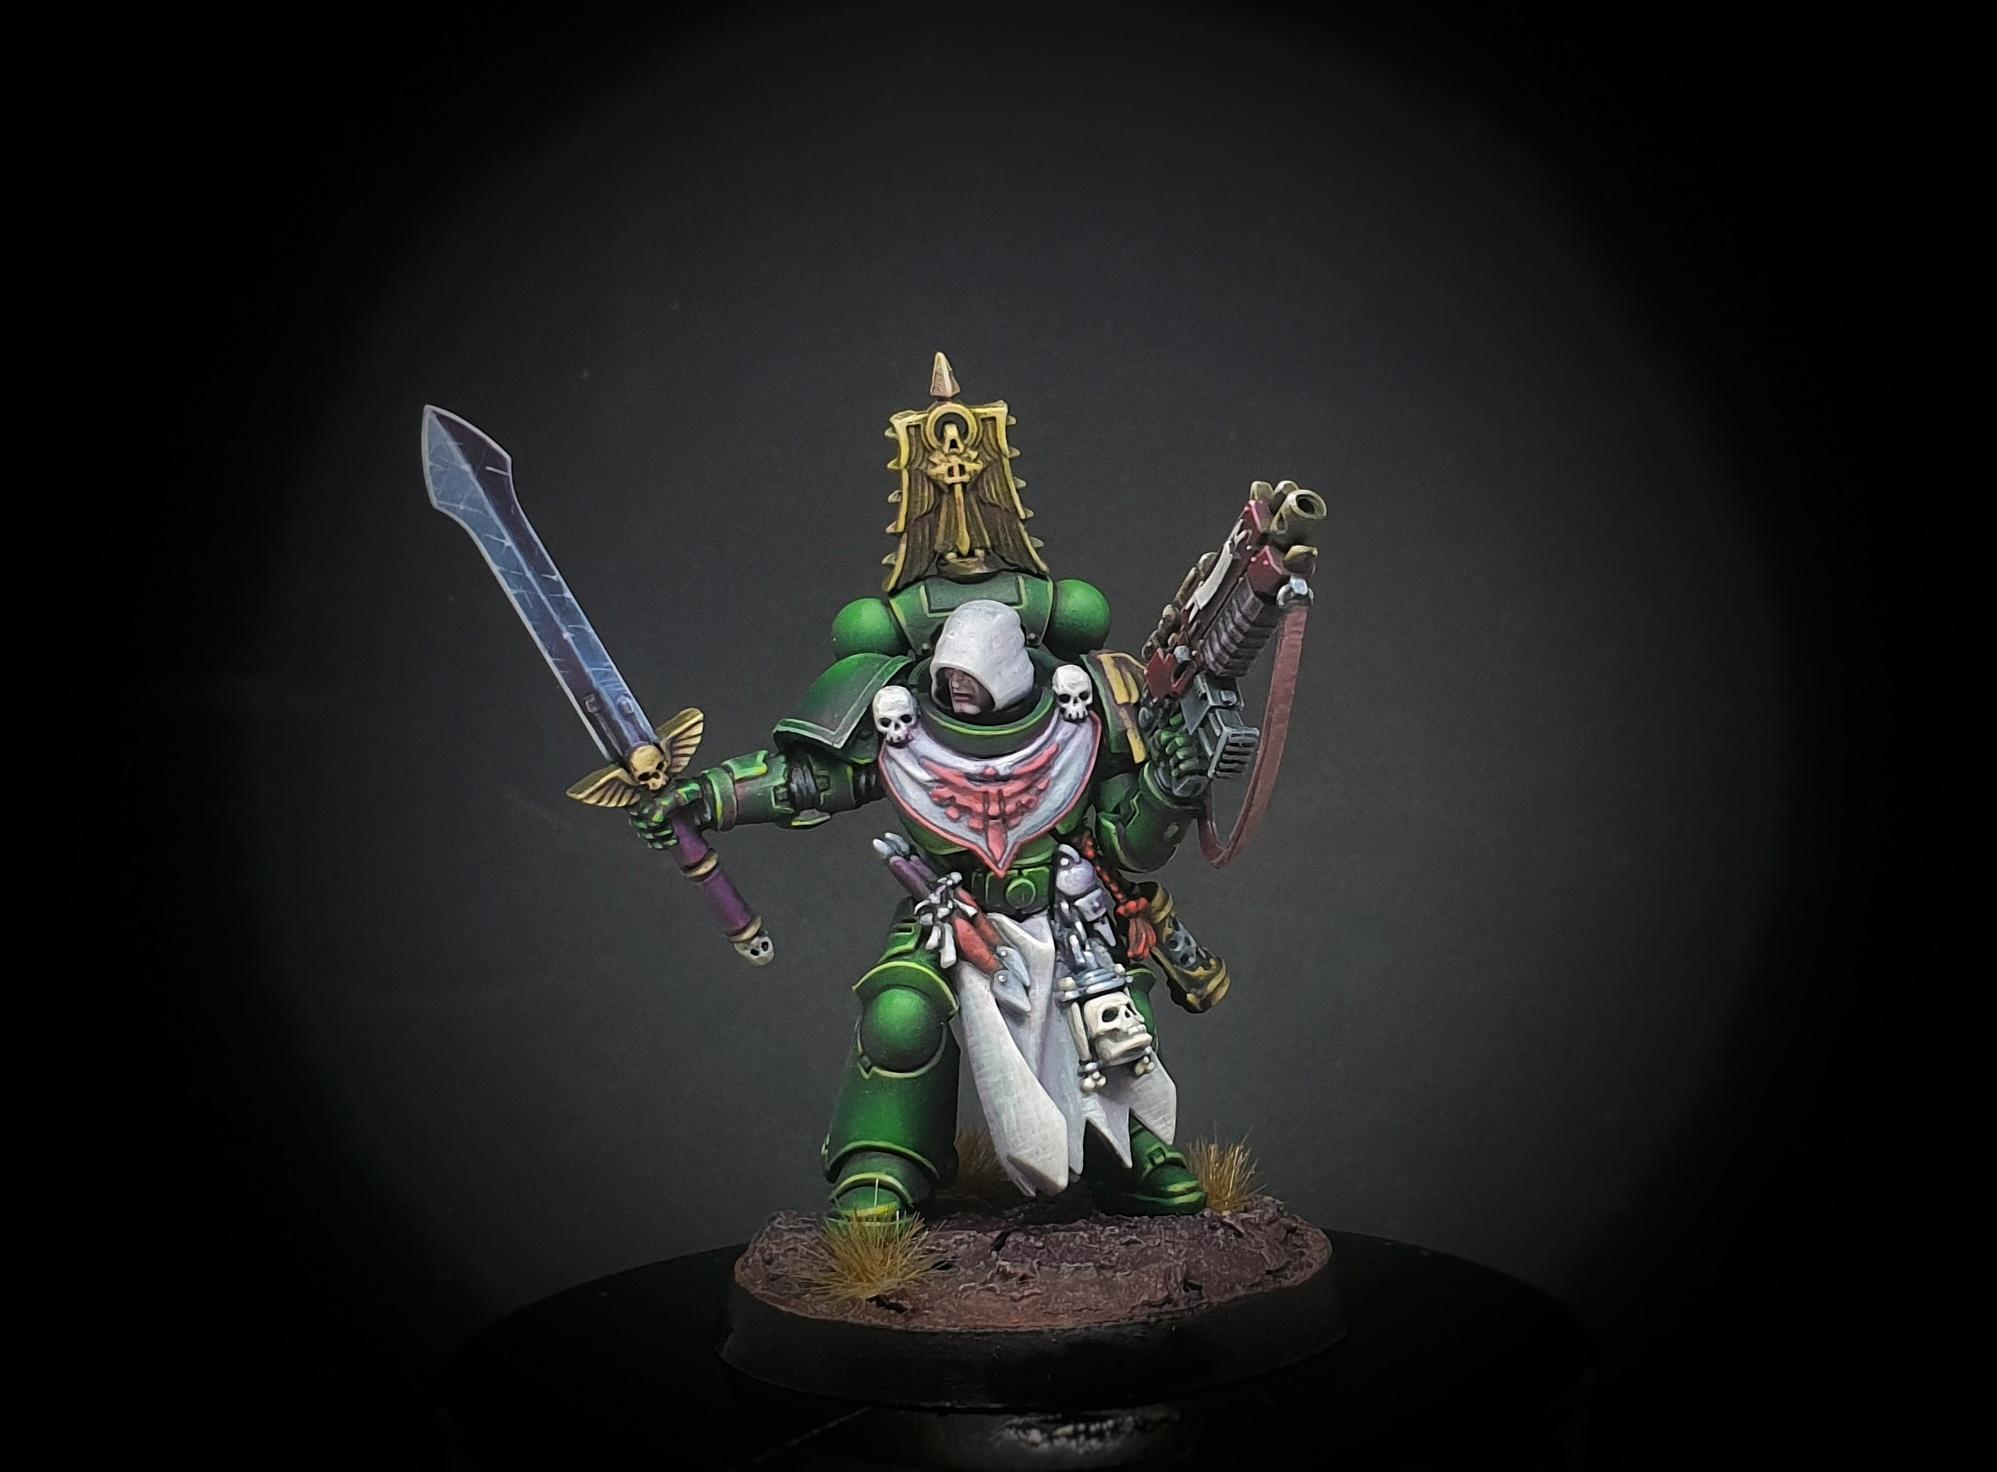 Dark Angels Captain primaris conversion